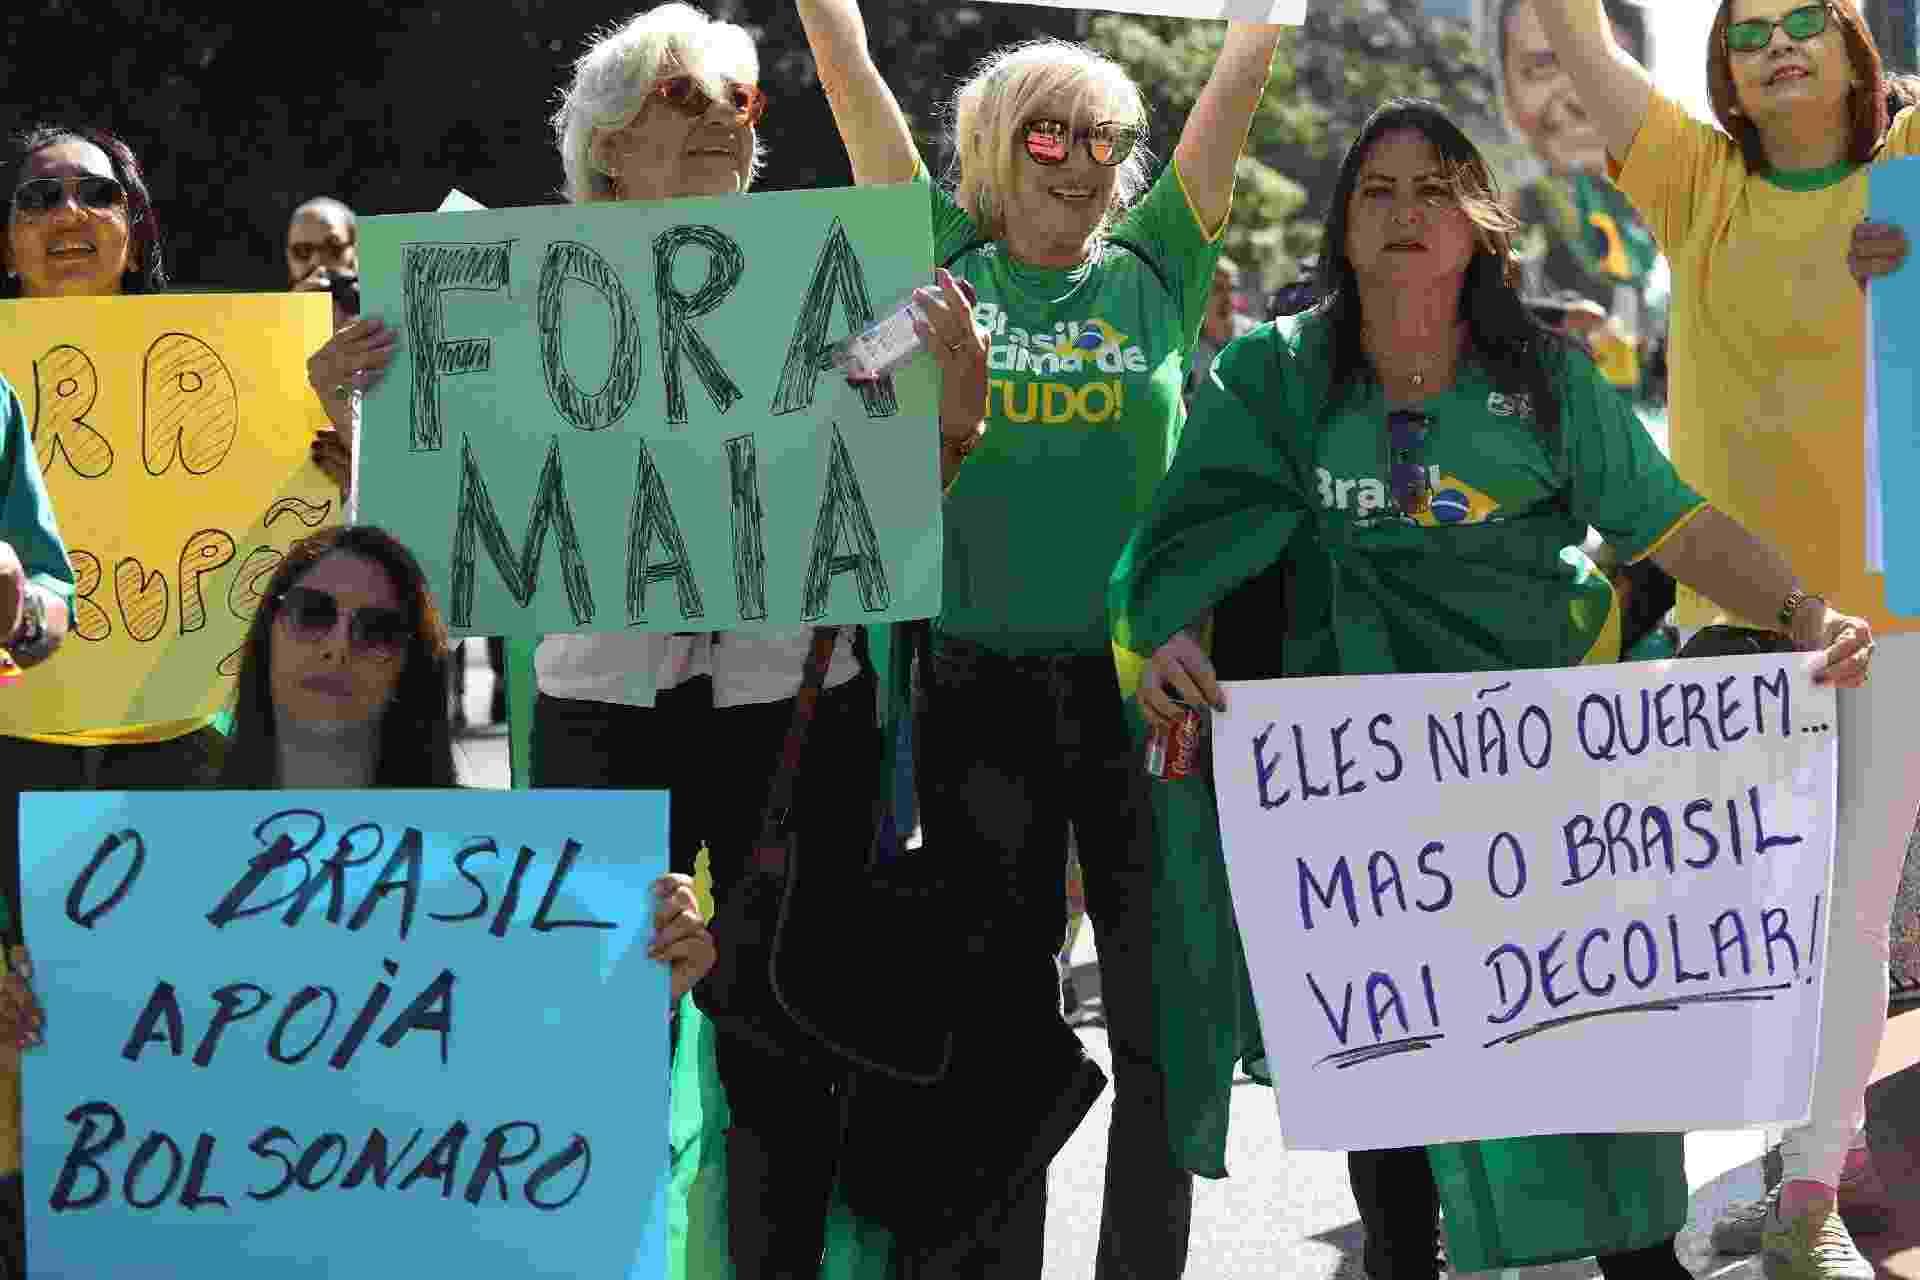 Manifestação a favor do governo em São Paulo - Renato.S Cerqueira/Futura Press/Estadão Conteúdo